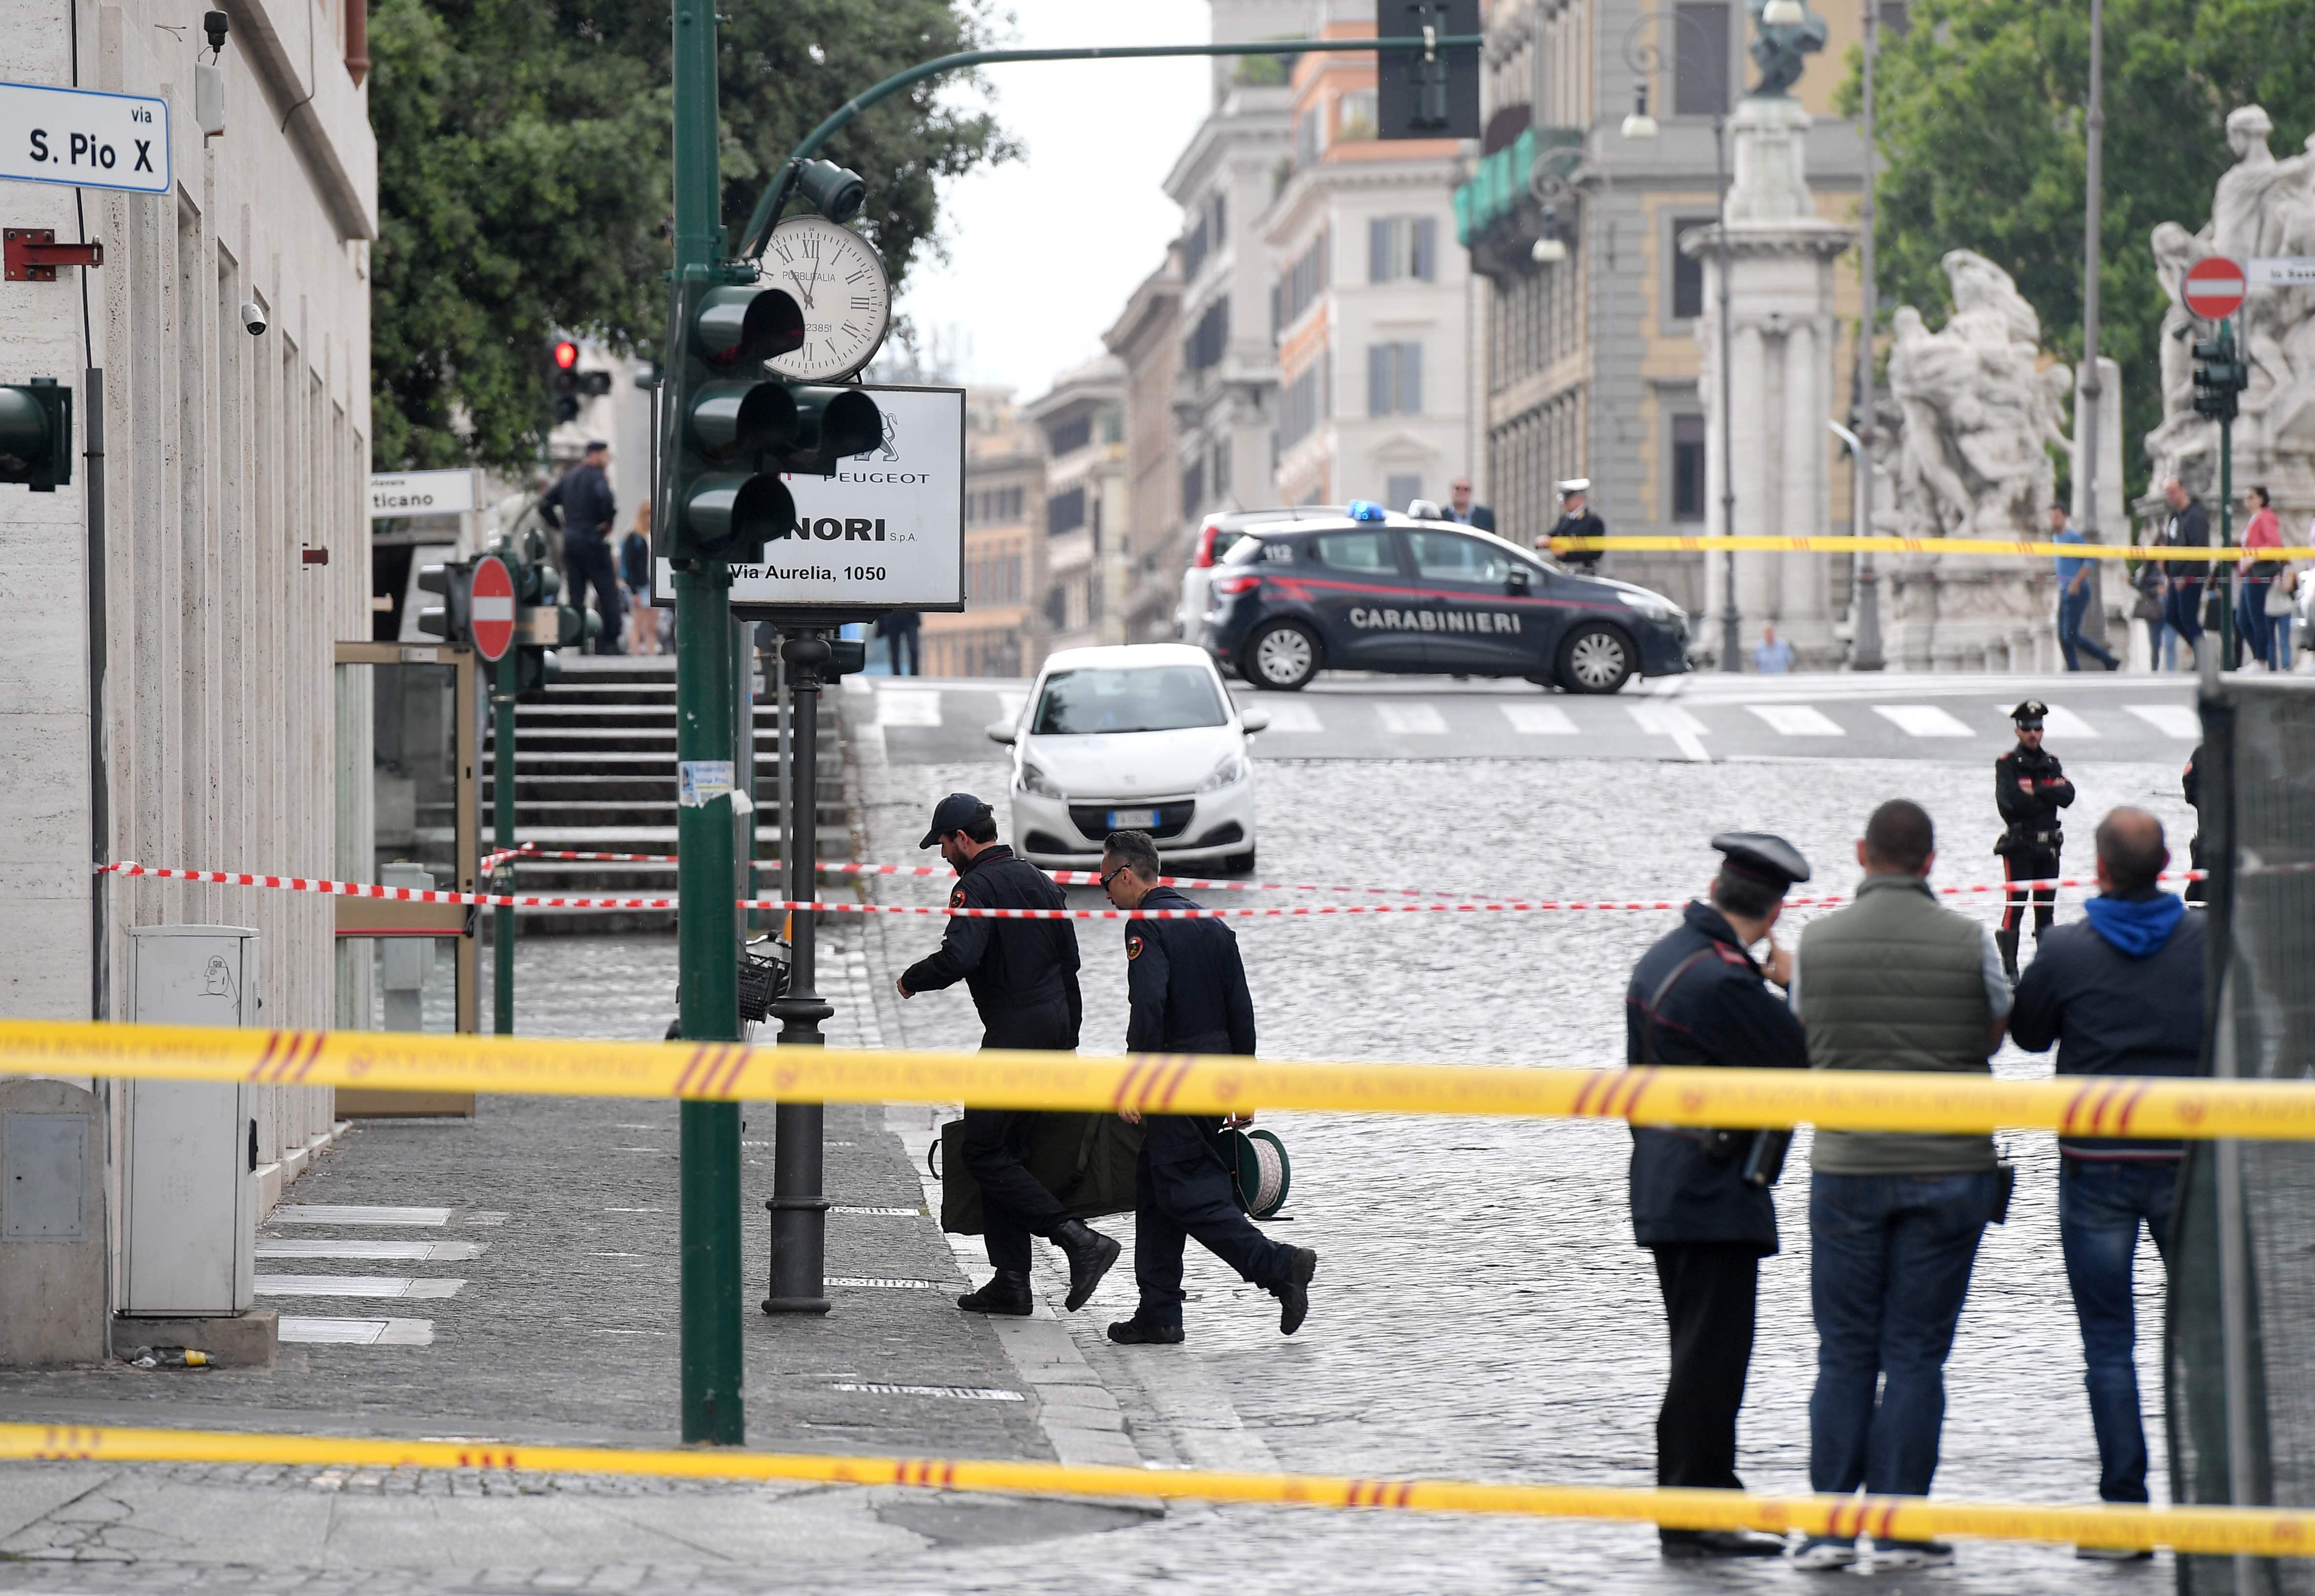 1172667-صور-انذار-قرب-الفاتيكان-بسبب-العثور-على-قنبلة-(4)